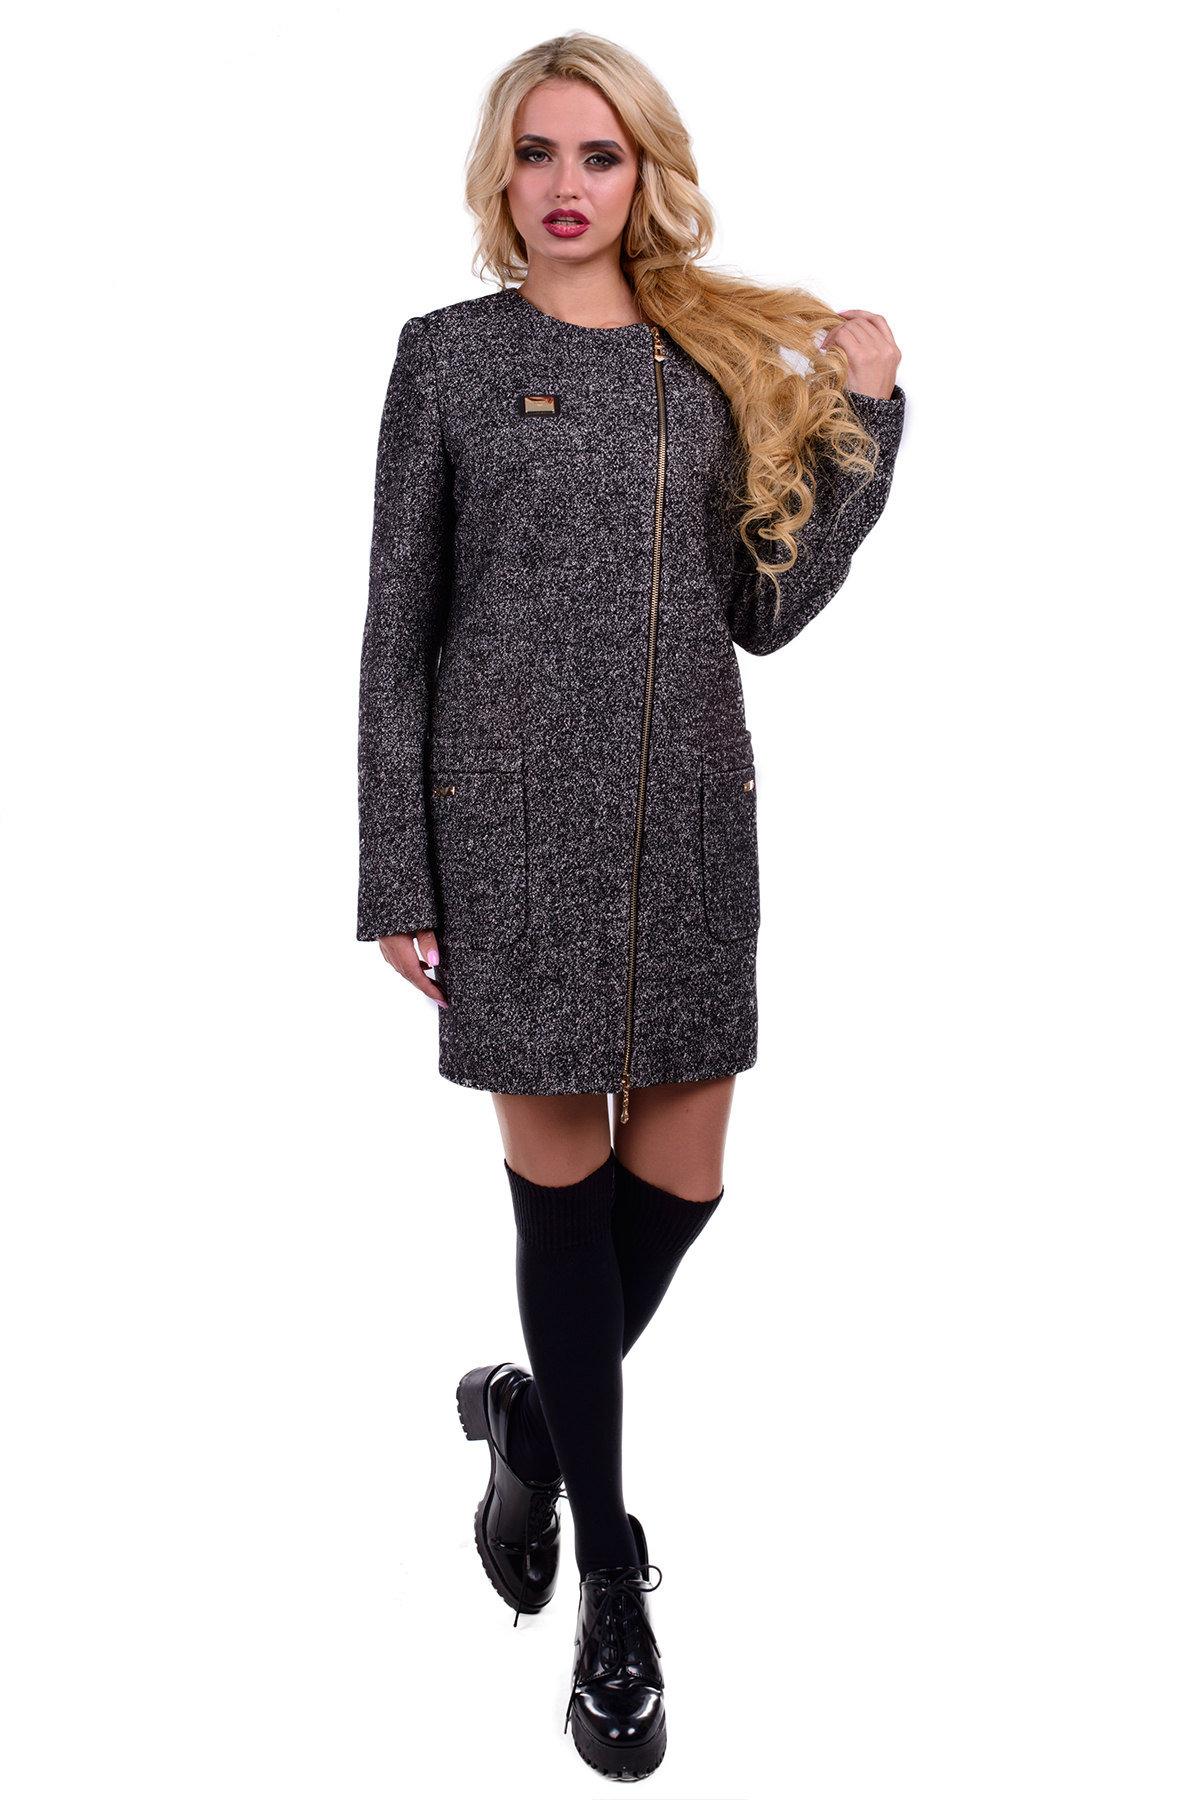 Купить пальто оптом Украина Пальто Милтон 0445